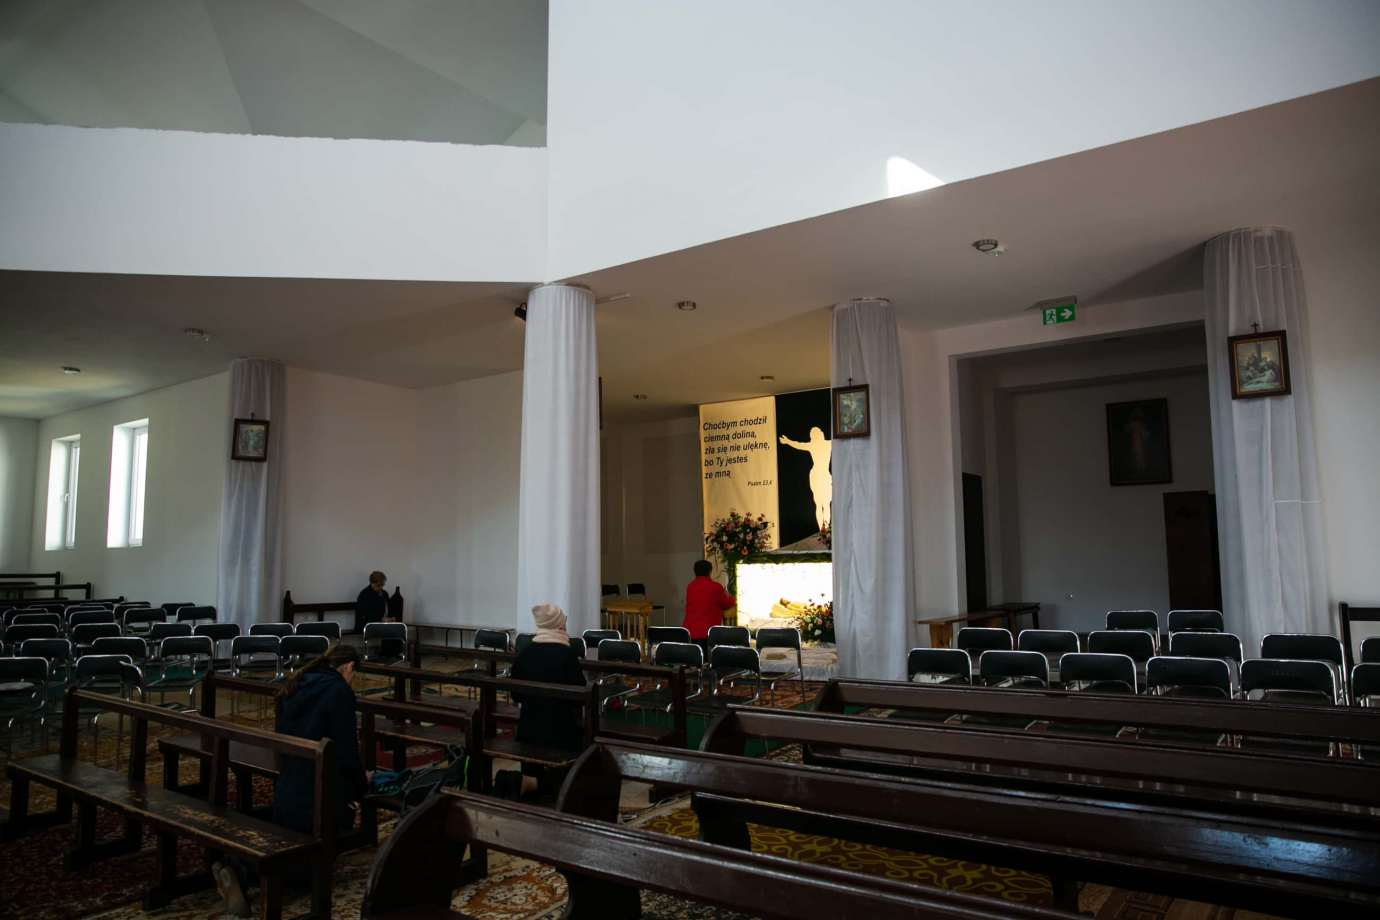 parafia pw swietej bozej opatrznosci w zamosciu 7 Zdjęcia grobów pańskich w zamojskich świątyniach